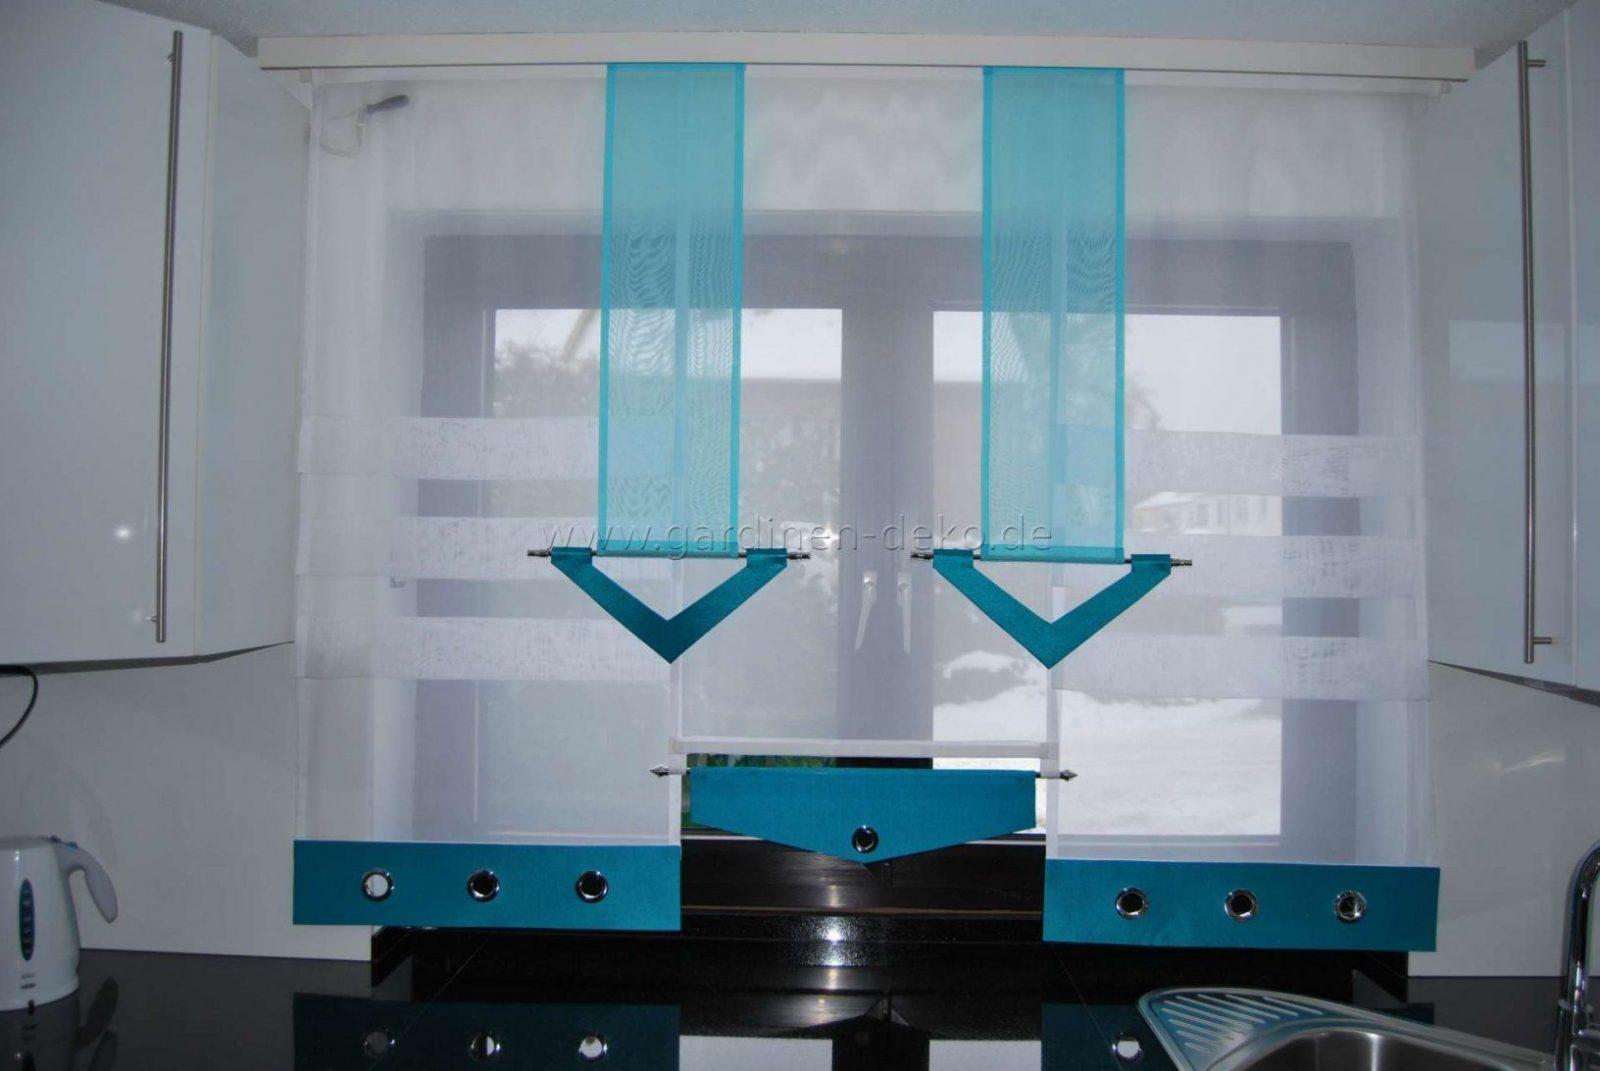 31 Frisch Gardinen Für Balkonfenster Bild  Dekor Für Bed Garten Und von Gardinen Weiß Türkis Photo